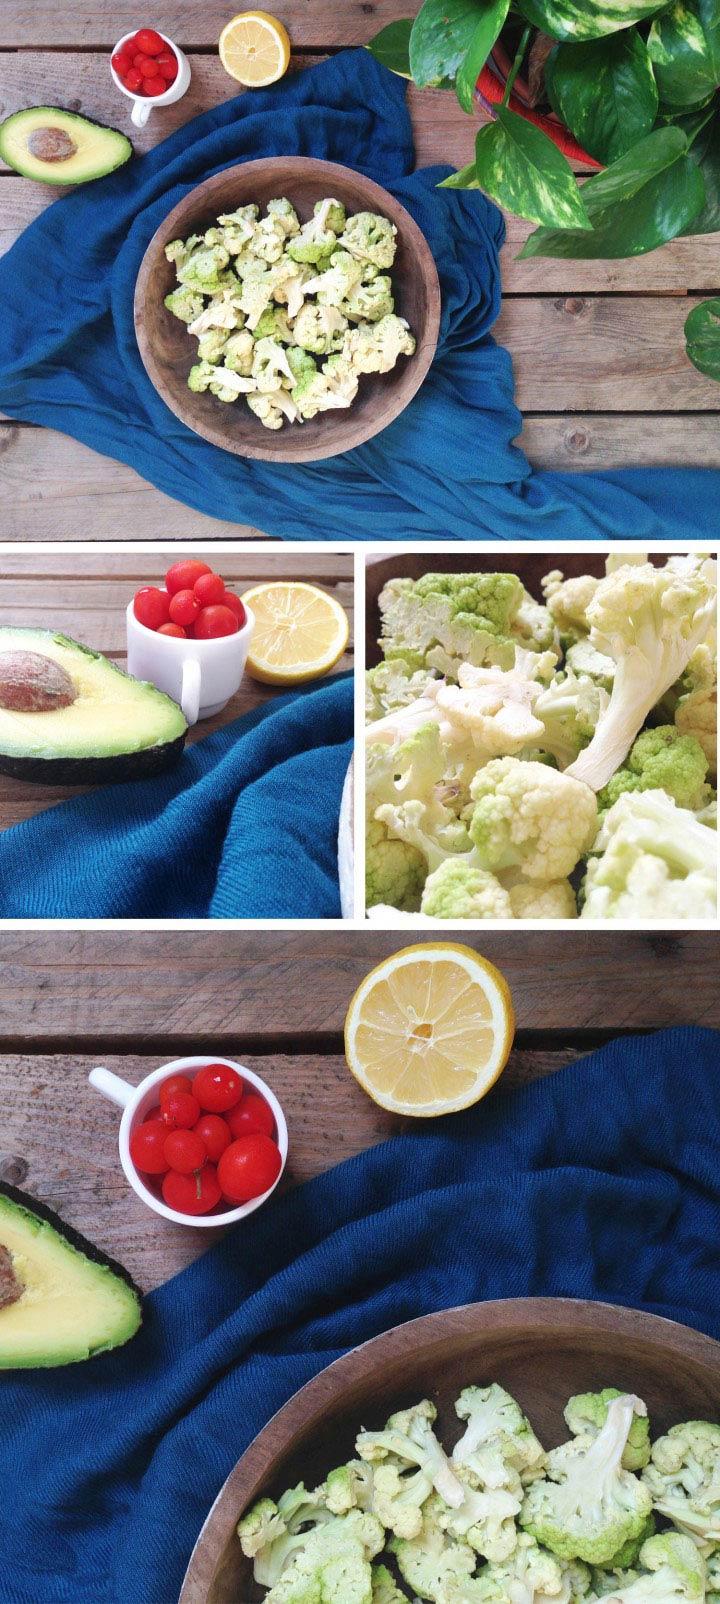 Ingredients amanida broquil, alvocat i tomàquet